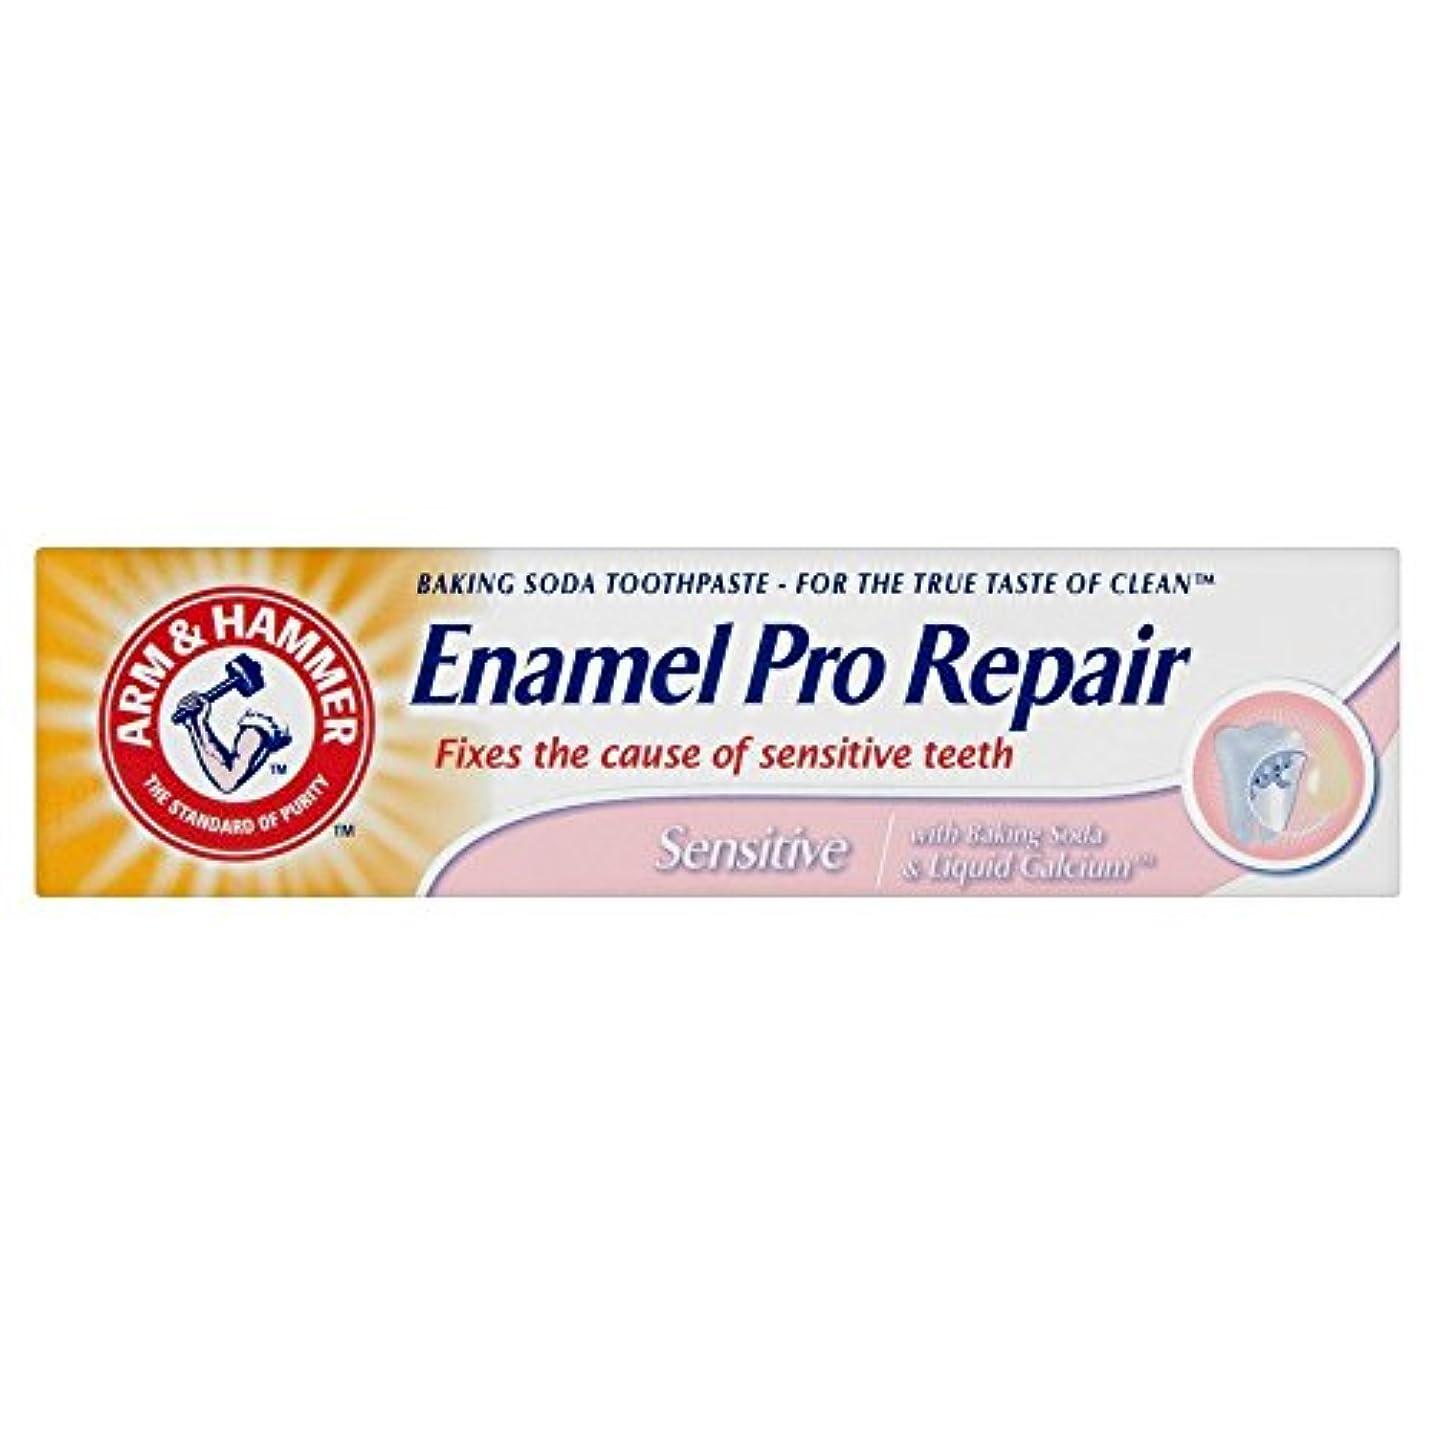 に向けて出発矢印不規則なArm & Hammer Enamel Care Sensitive Toothpaste Tube (75ml) アームとハンマーエナメルケア敏感歯磨き粉のチューブ( 75ミリリットル) [並行輸入品]